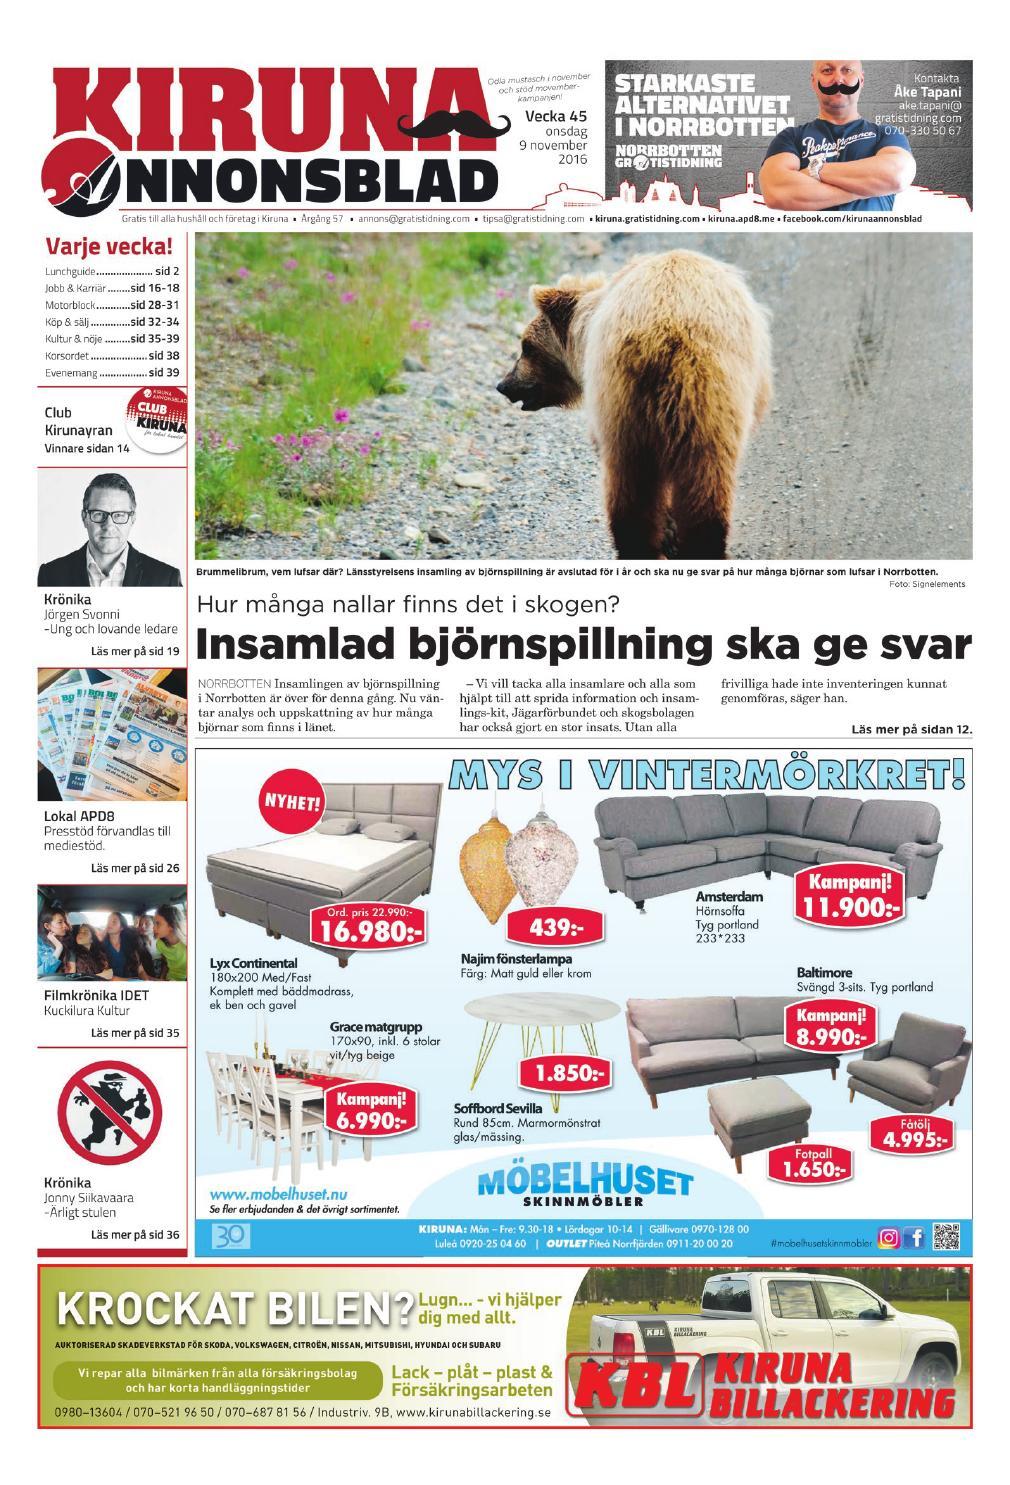 Kiruna Annonsblad by Svenska Civildatalogerna AB - issuu c64ab5fd09a24